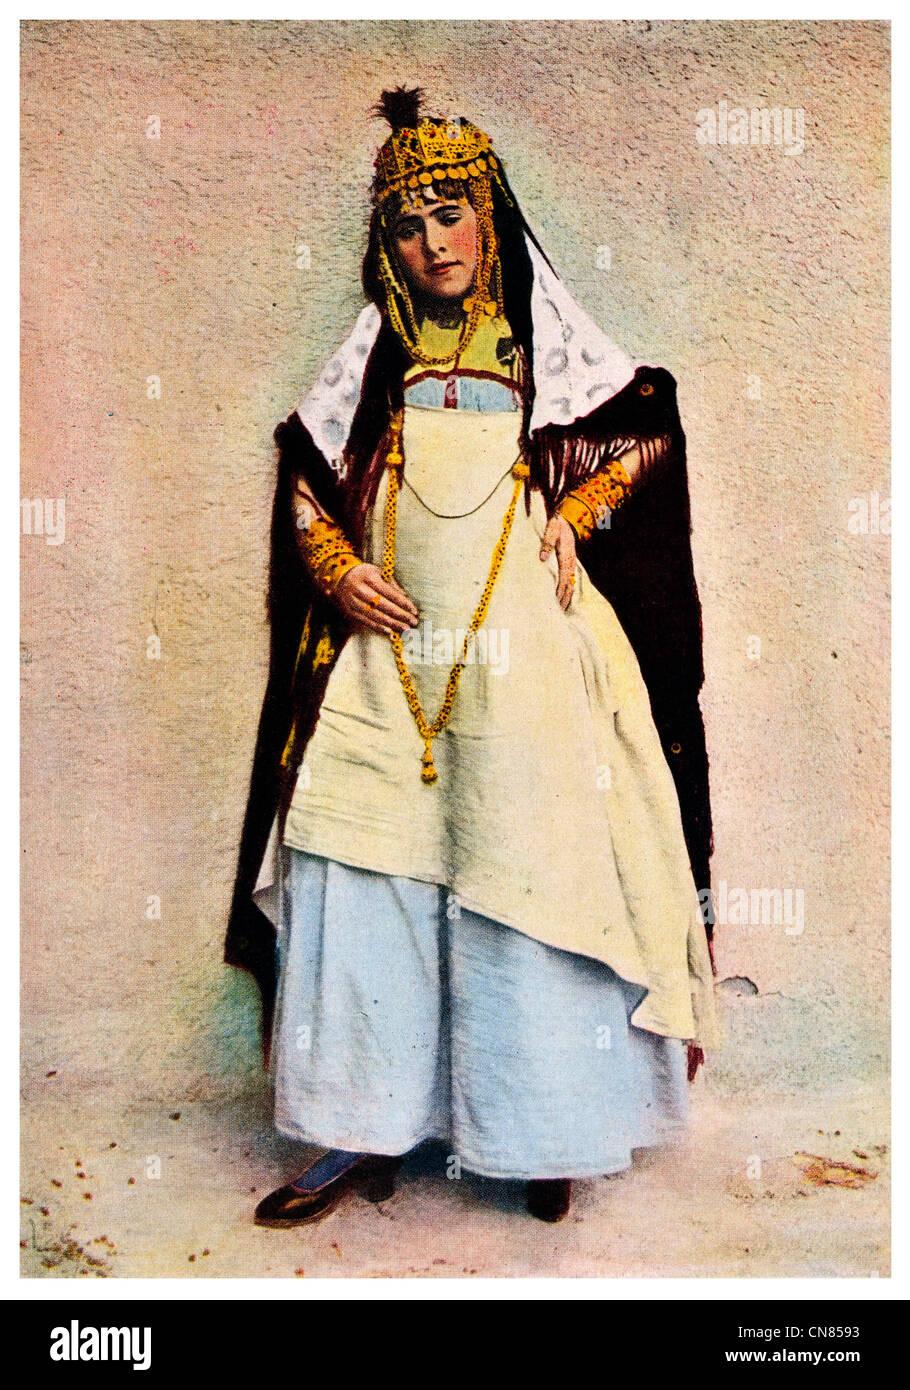 D'abord publié 1917 Costume Danseuse femme algérienne des cafés l'Algérie Photo Stock